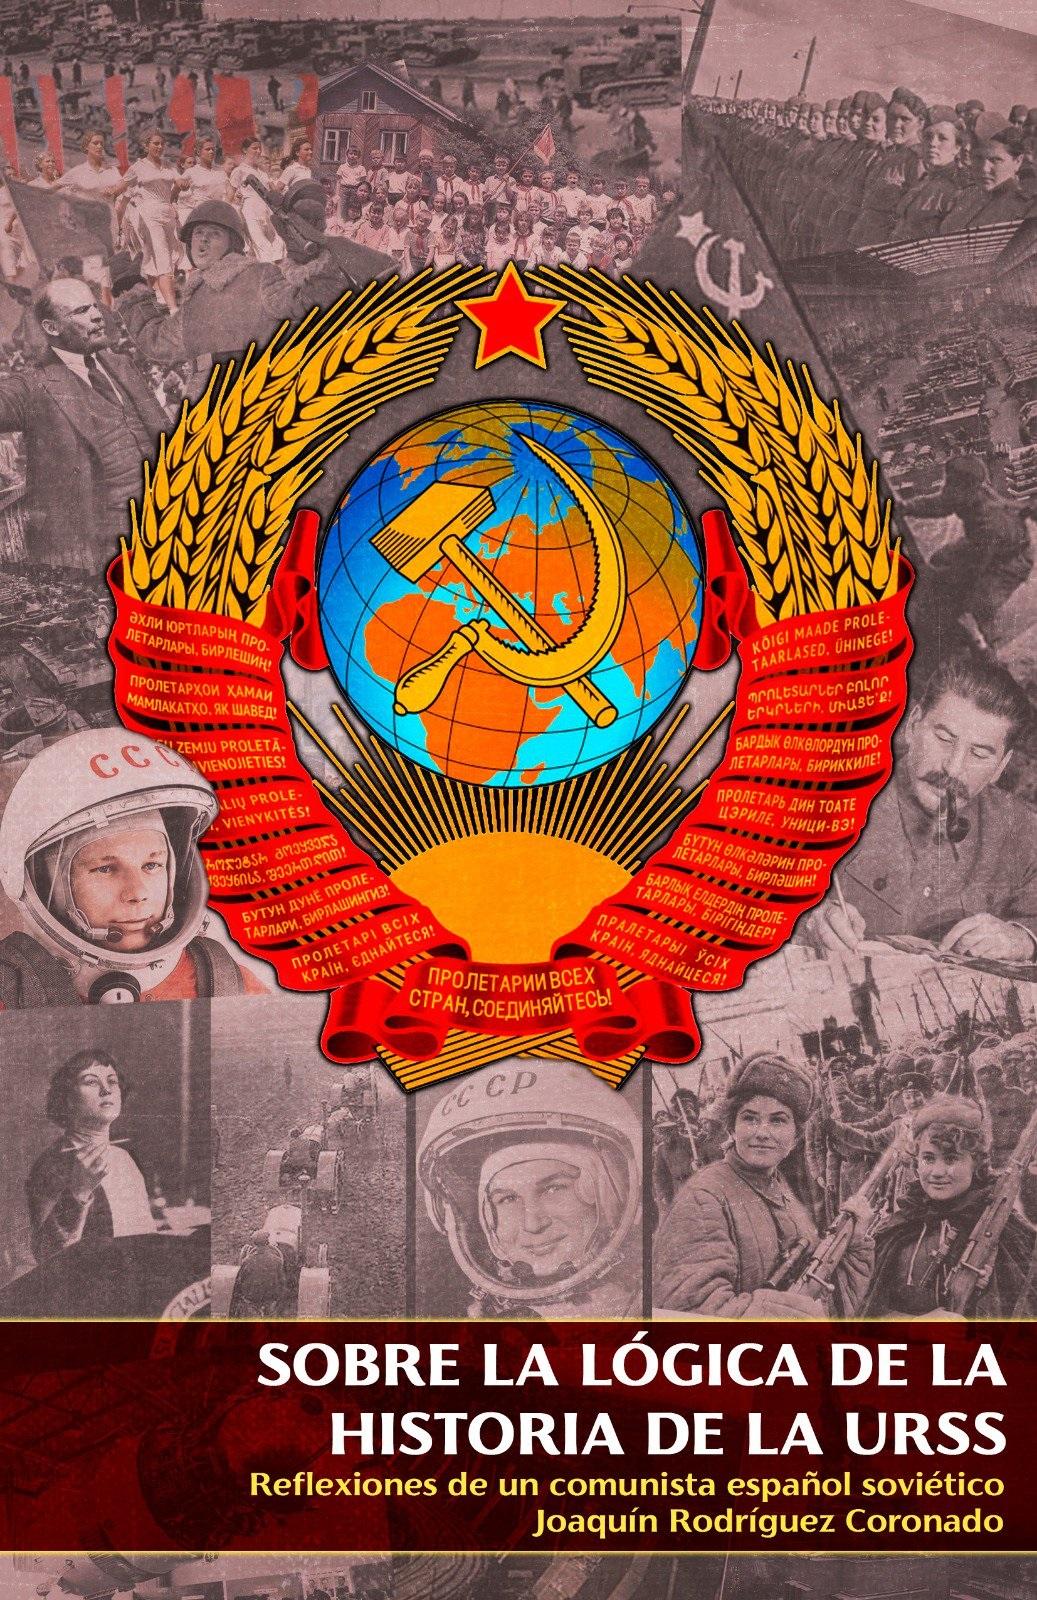 Joaquin Rodriguez. Sobre la lógica de la historia de la URSS